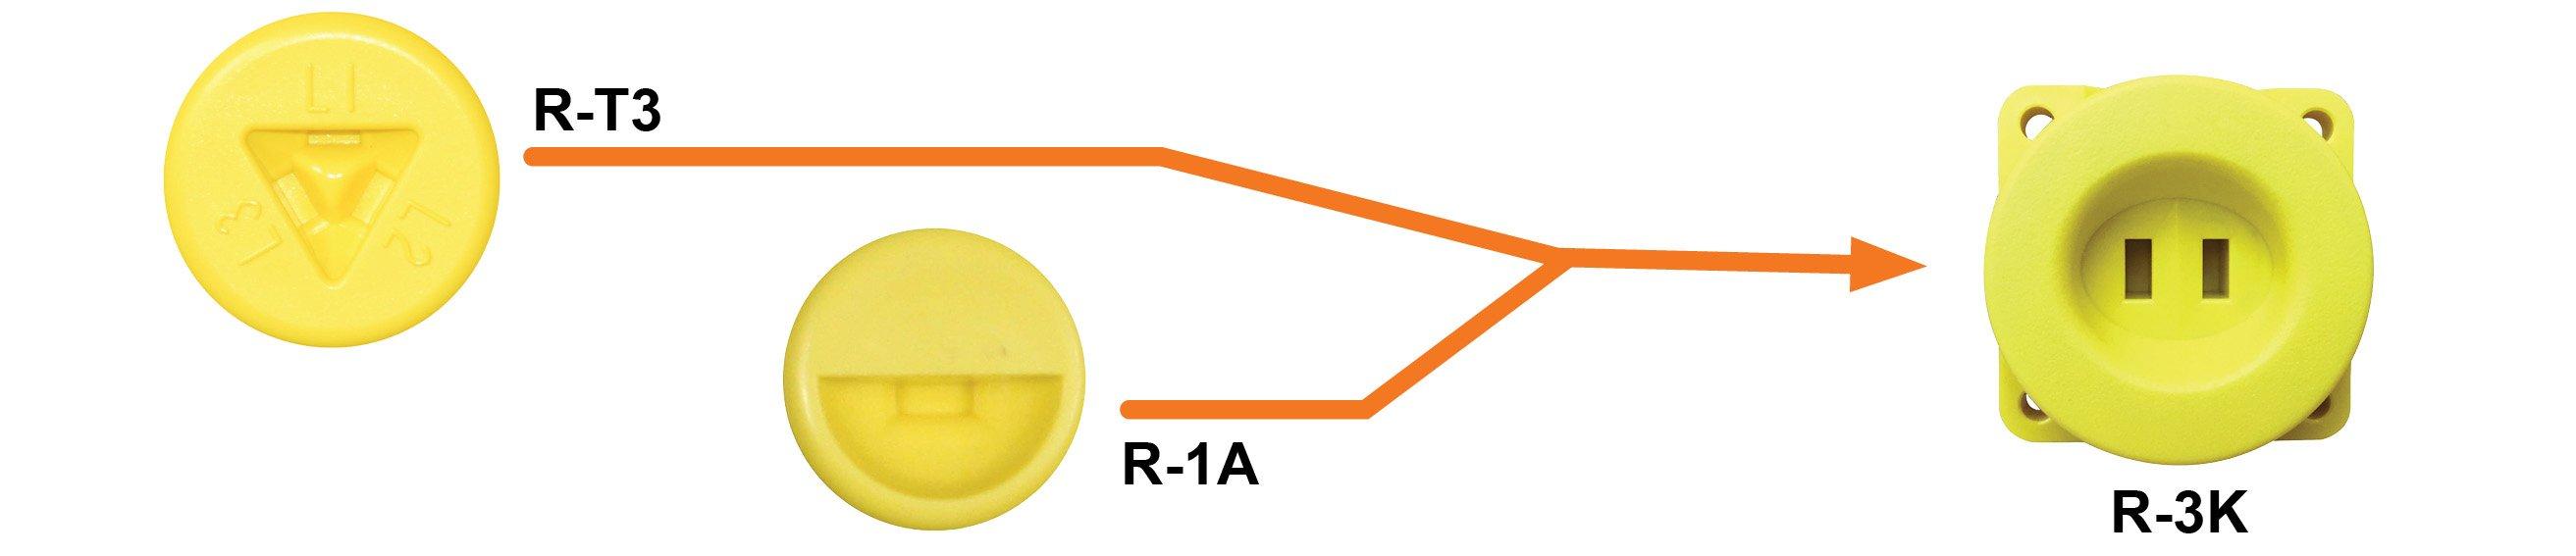 SS-RT3T-SF-EN 21073